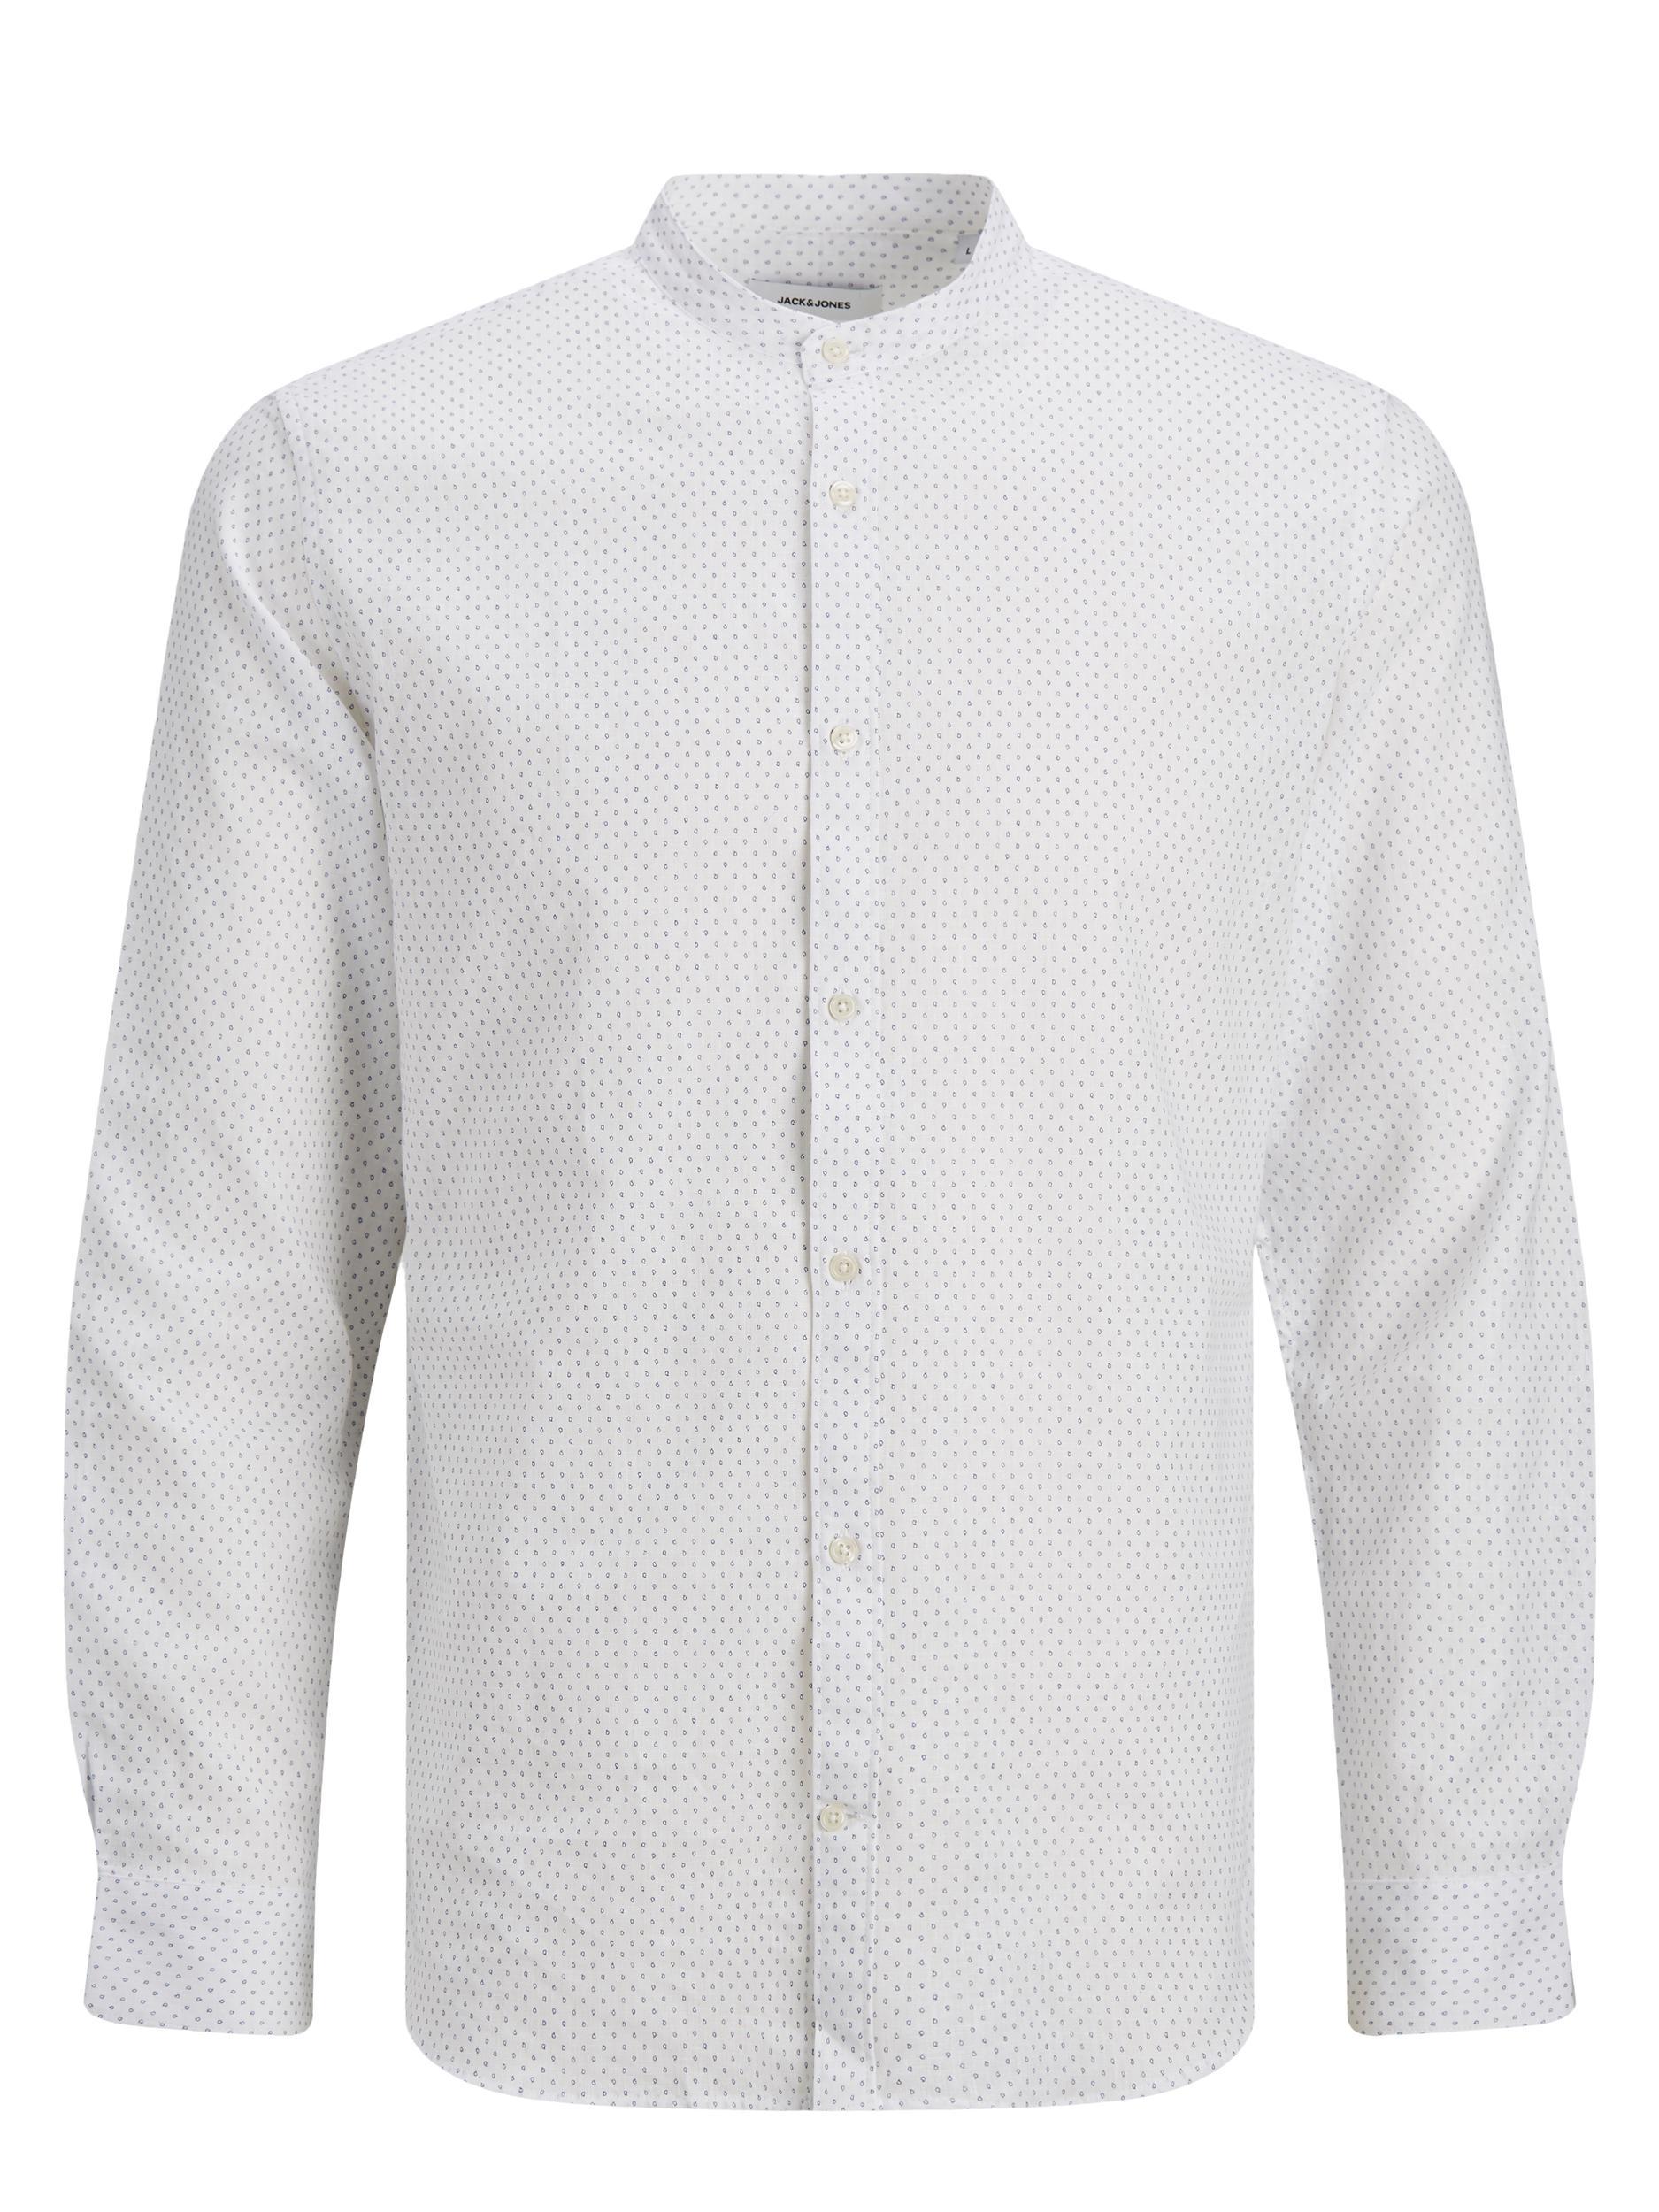 Jack & Jones Band summer shirt, white, x-large